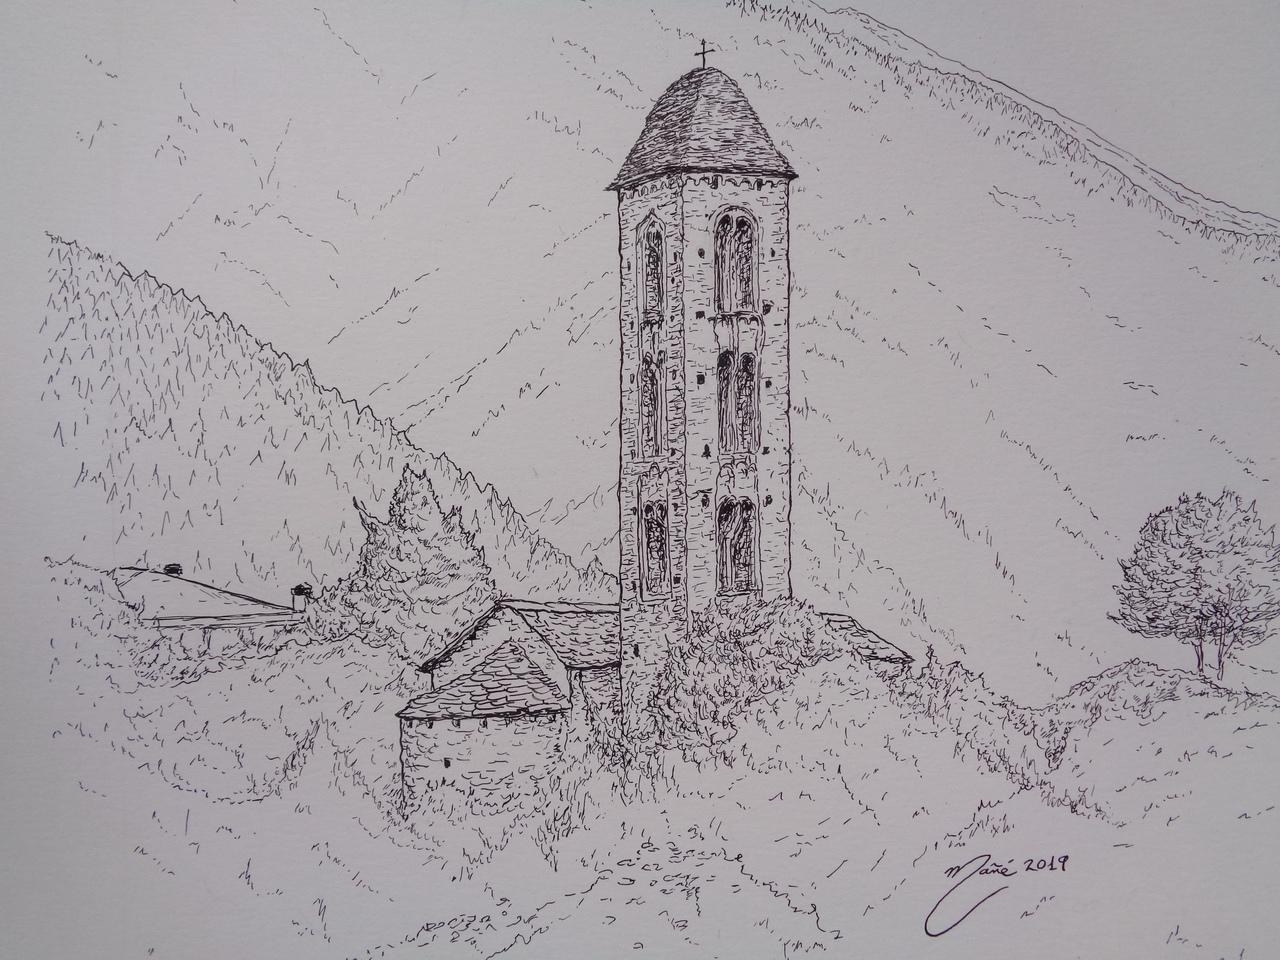 Церковь Сан Микель д'Энголастерс, Андорра. Рисунок чернилами Жоана Манье